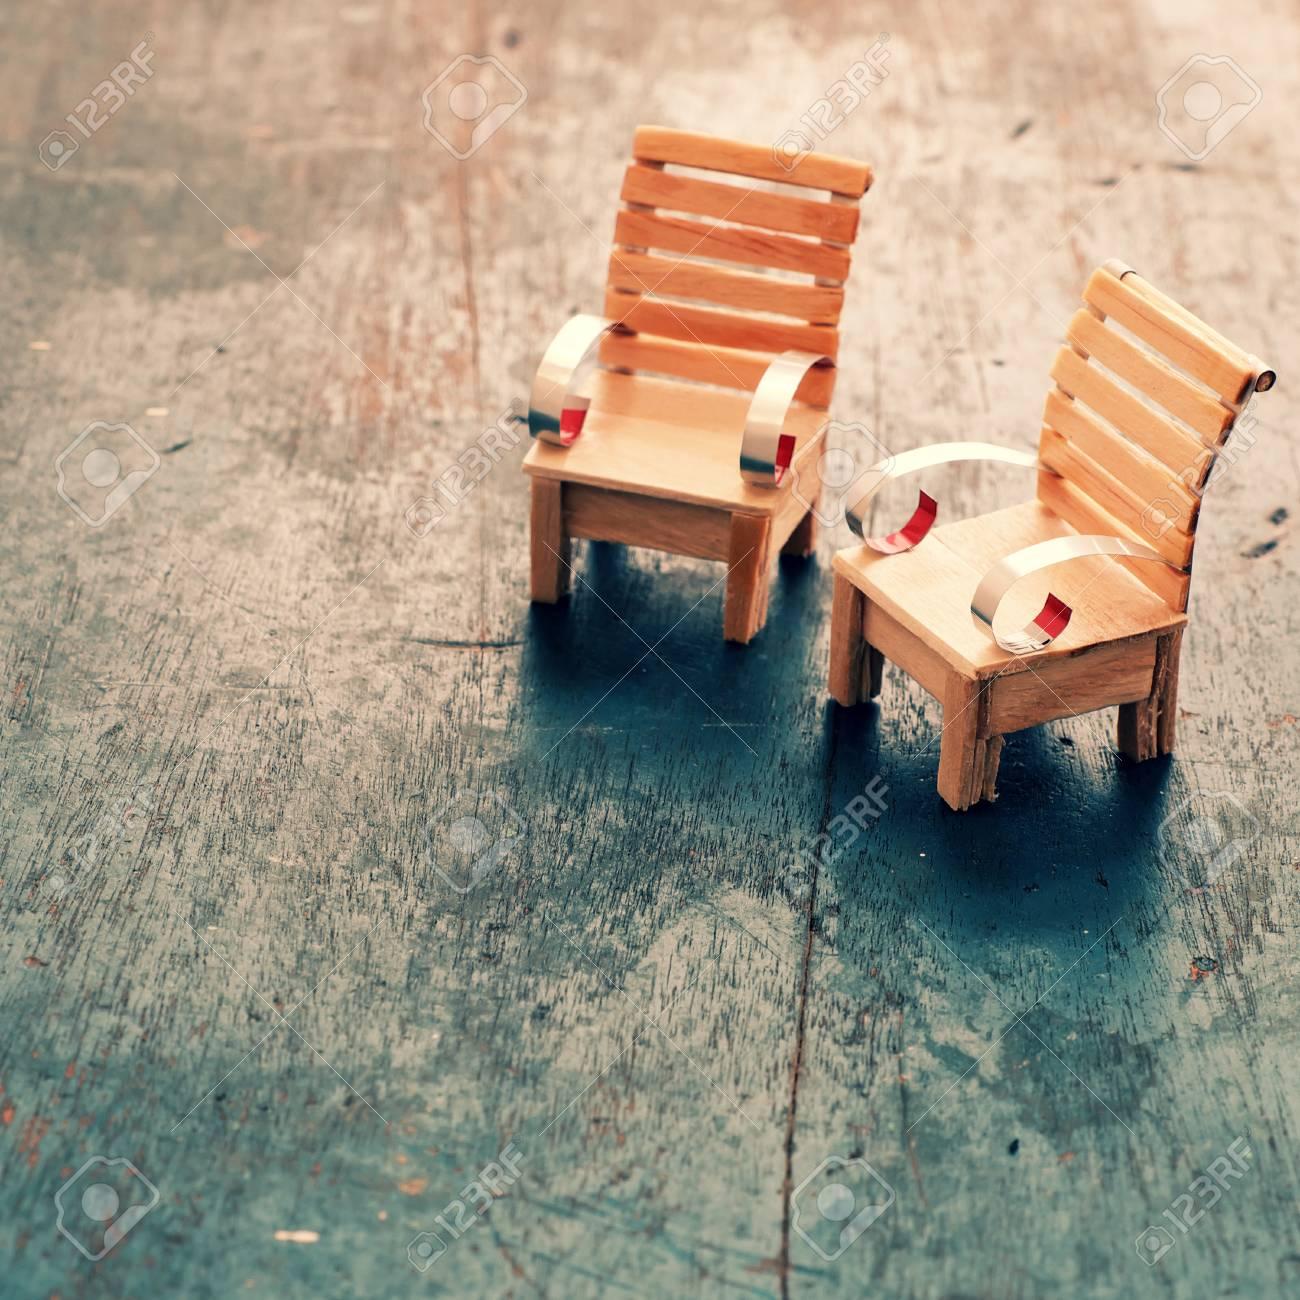 Amazing miniature handmade product for interior design, mini